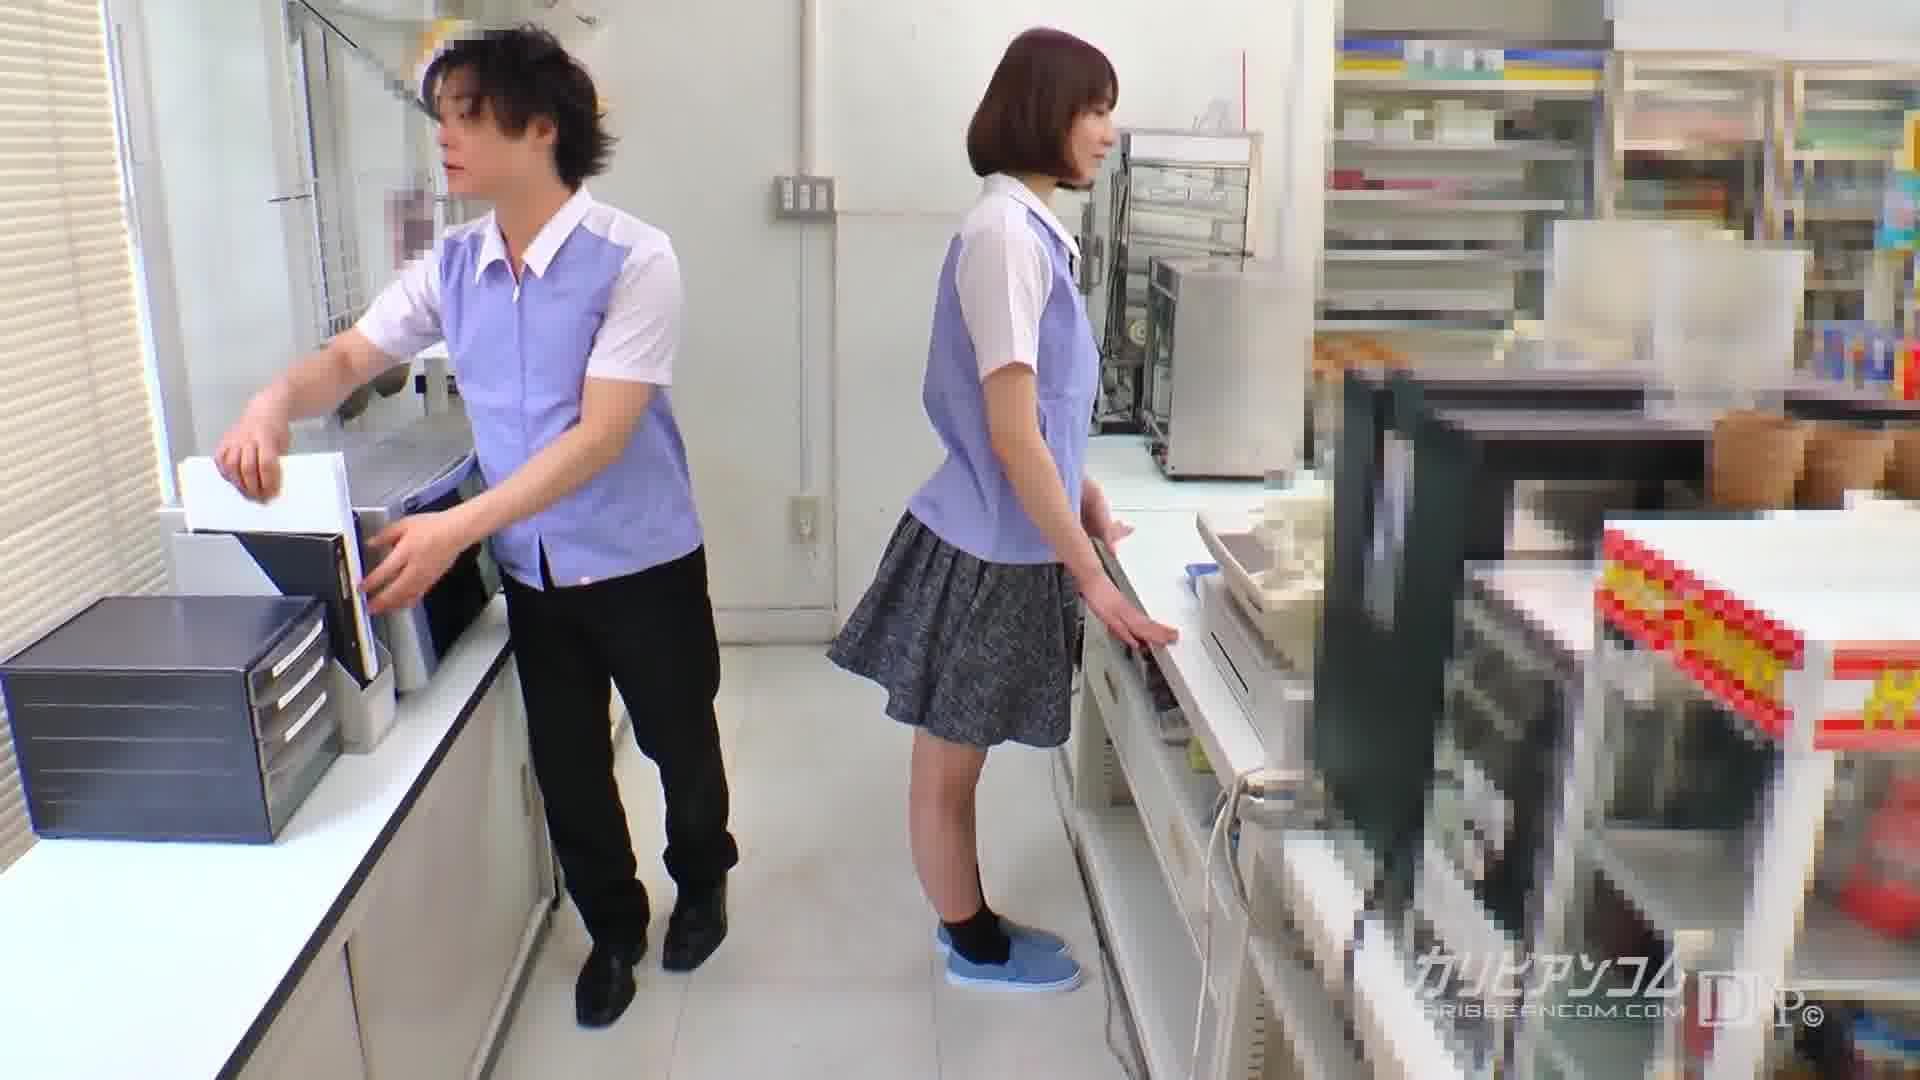 ほんとにあったHな話 31 - 宮崎愛莉【美乳・制服・コスプレ】